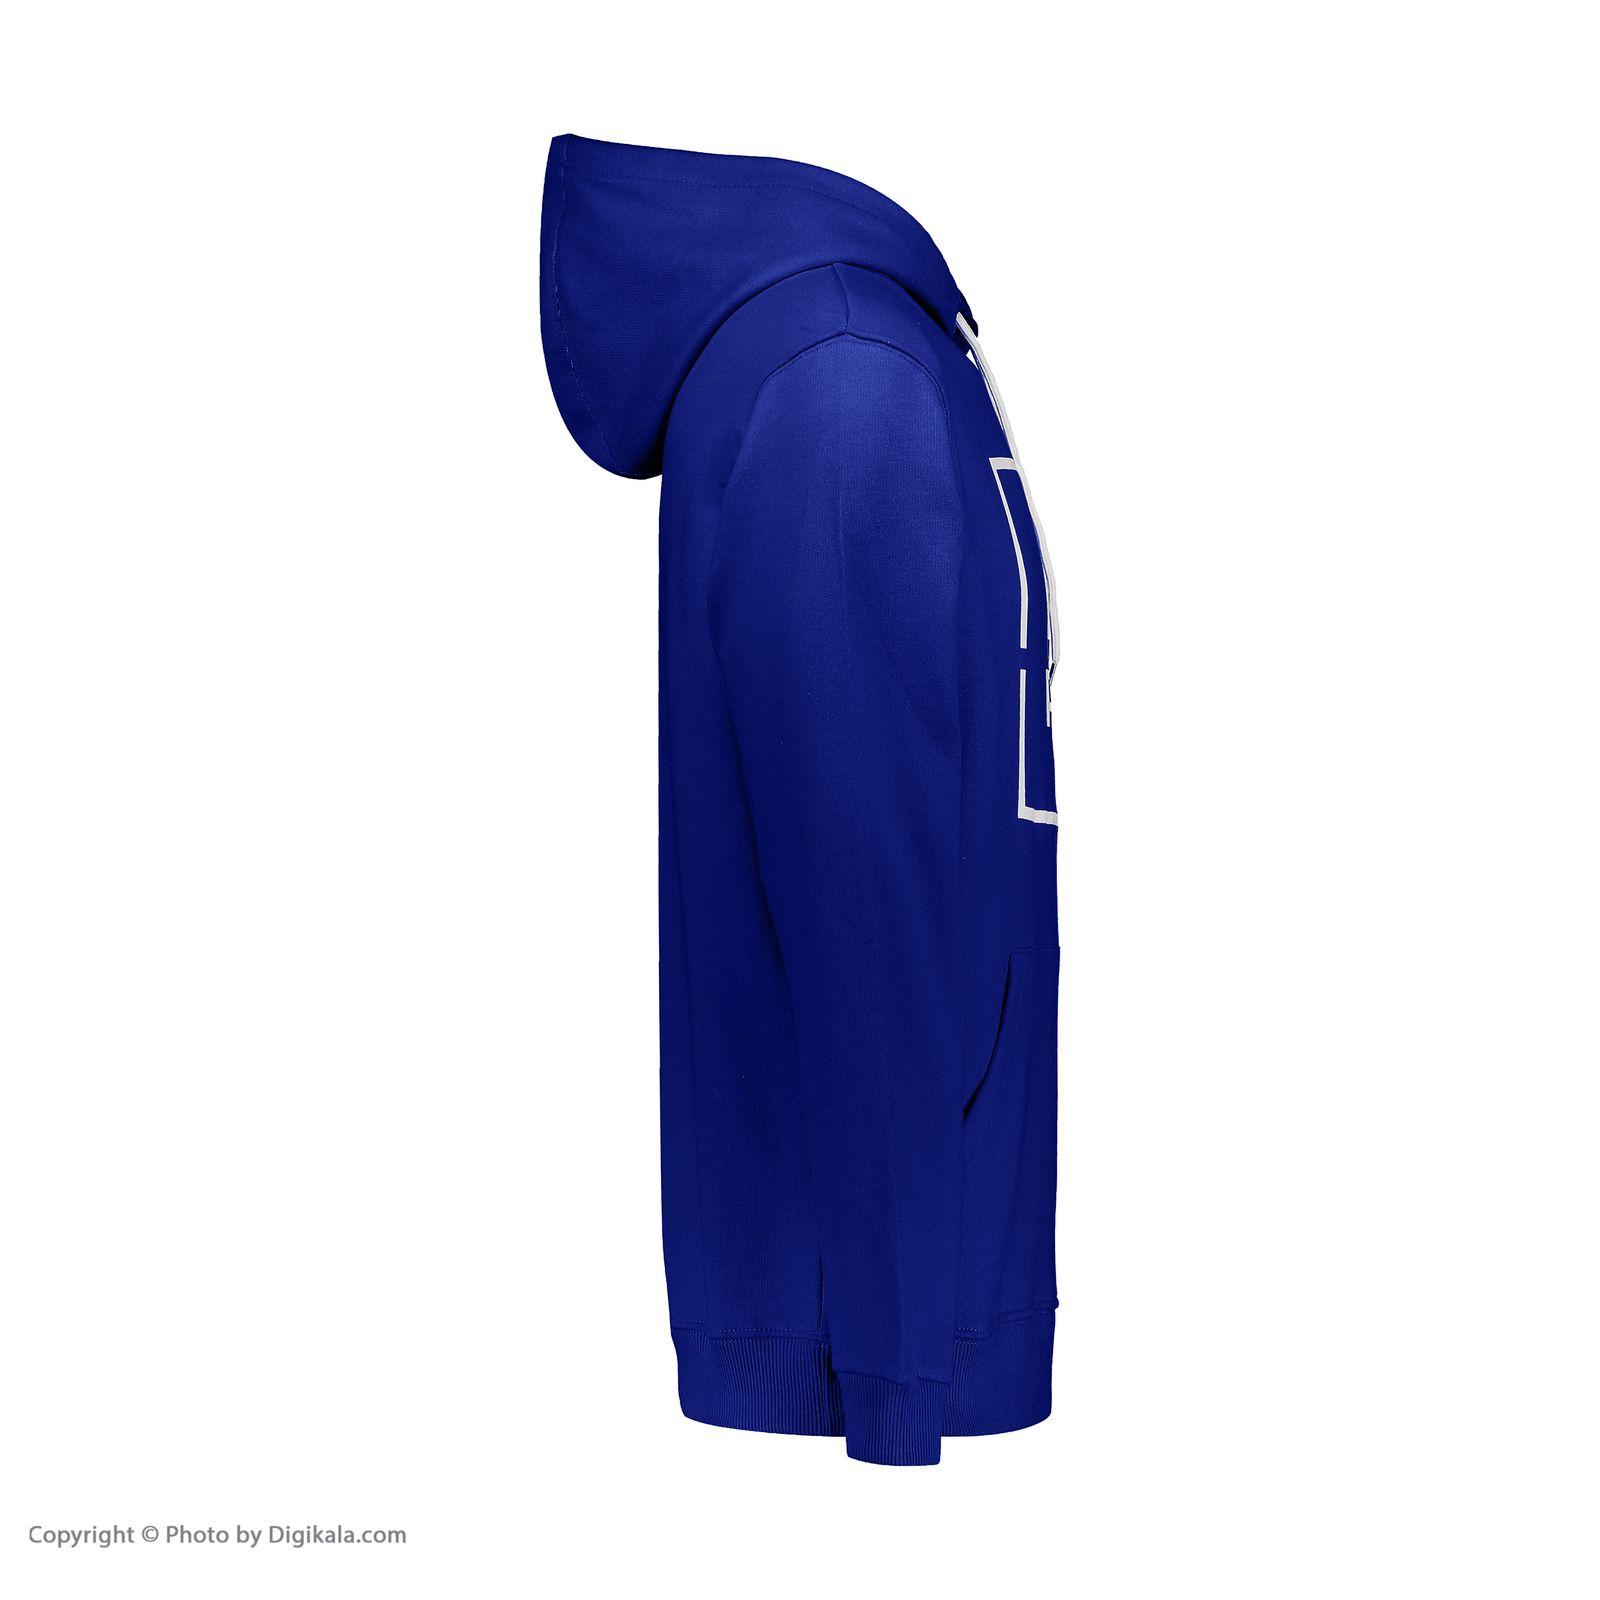 هودی ورزشی مردانه یونی پرو مدل 914159308-10 -  - 3